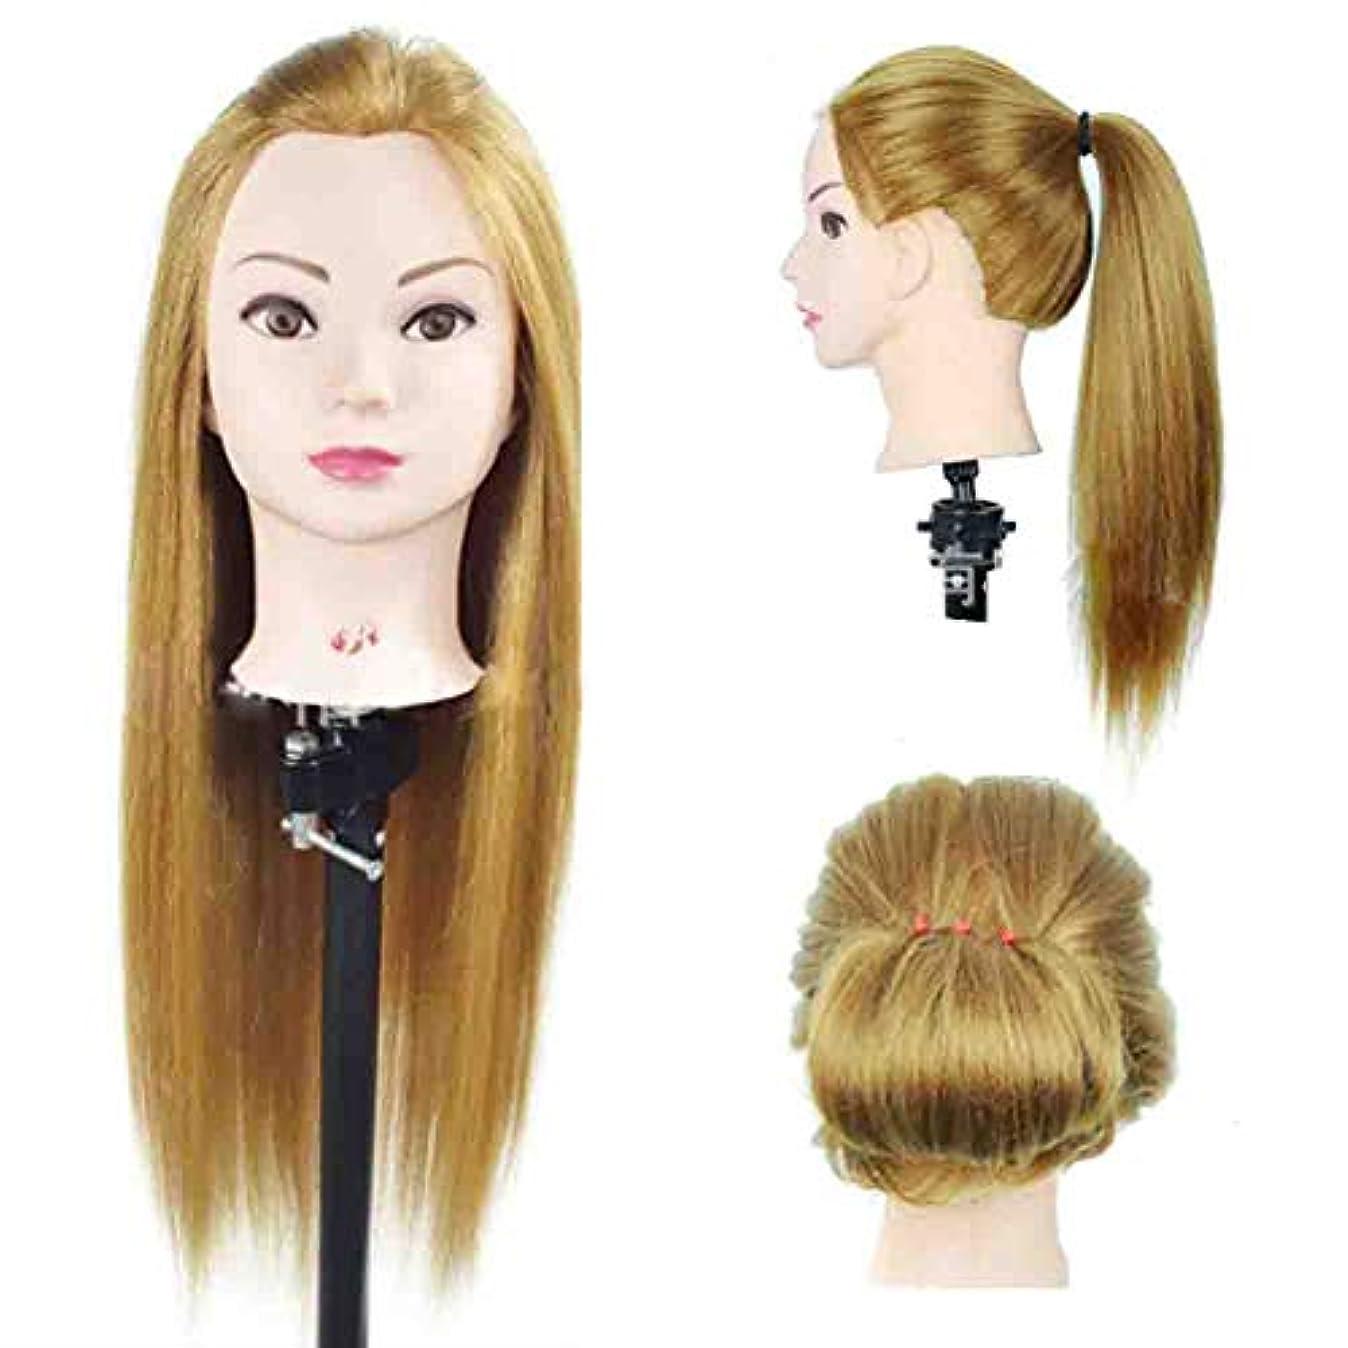 失敗シプリーとらえどころのないサロンヘアブレイディングヘアスタイルヘアスタイルヘアスタイルヘアスタイルヘアスタイルヘアスタイル